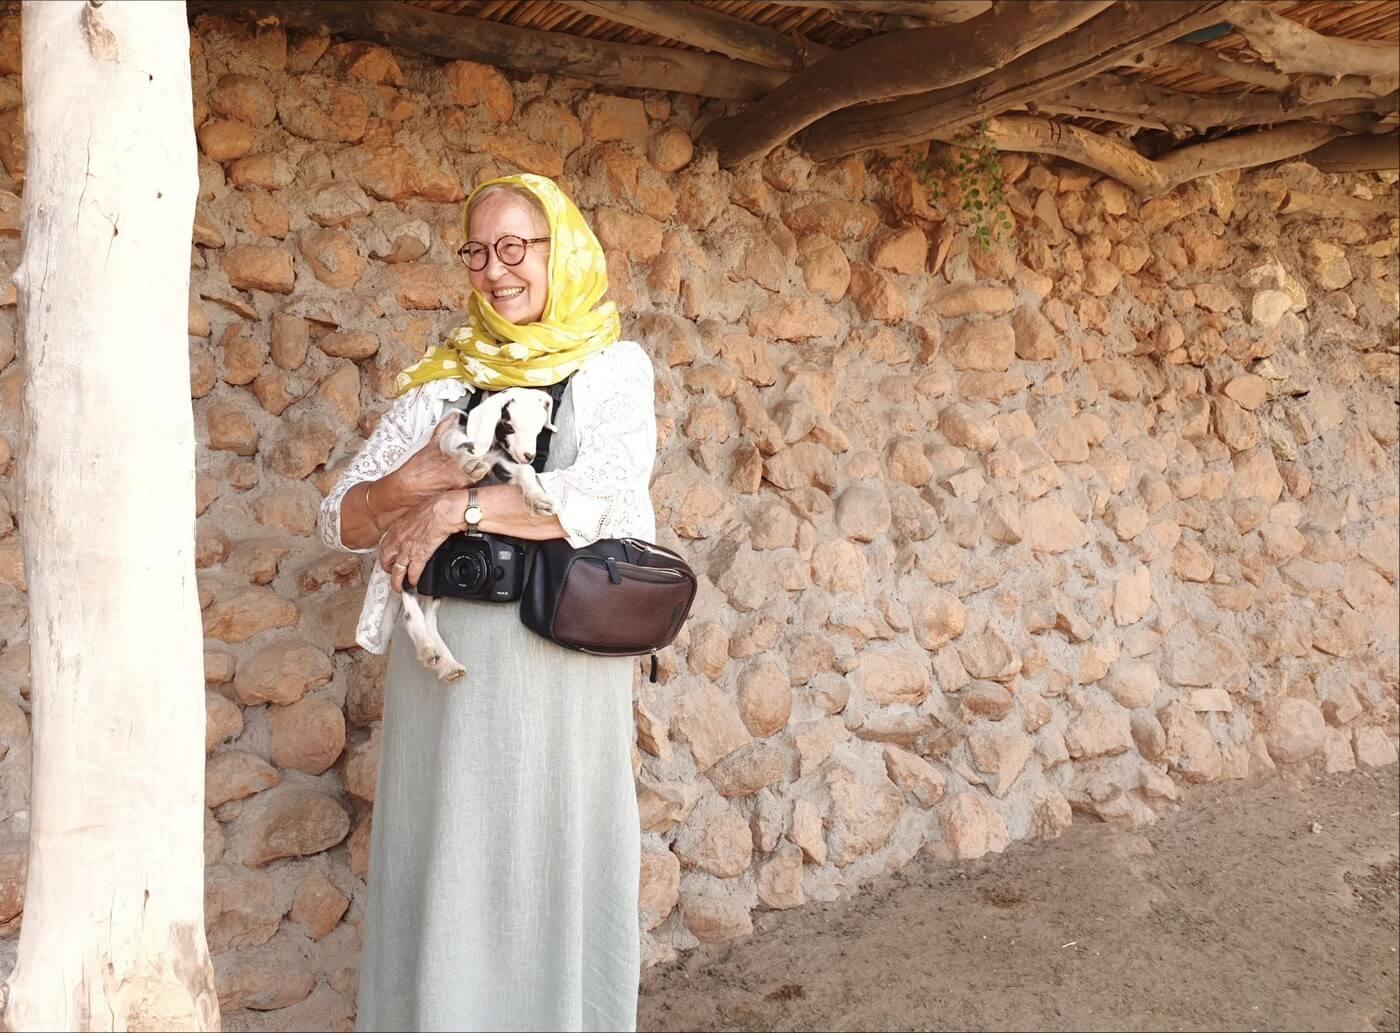 michele jullian portant un agneau dans un village berbère au maroc